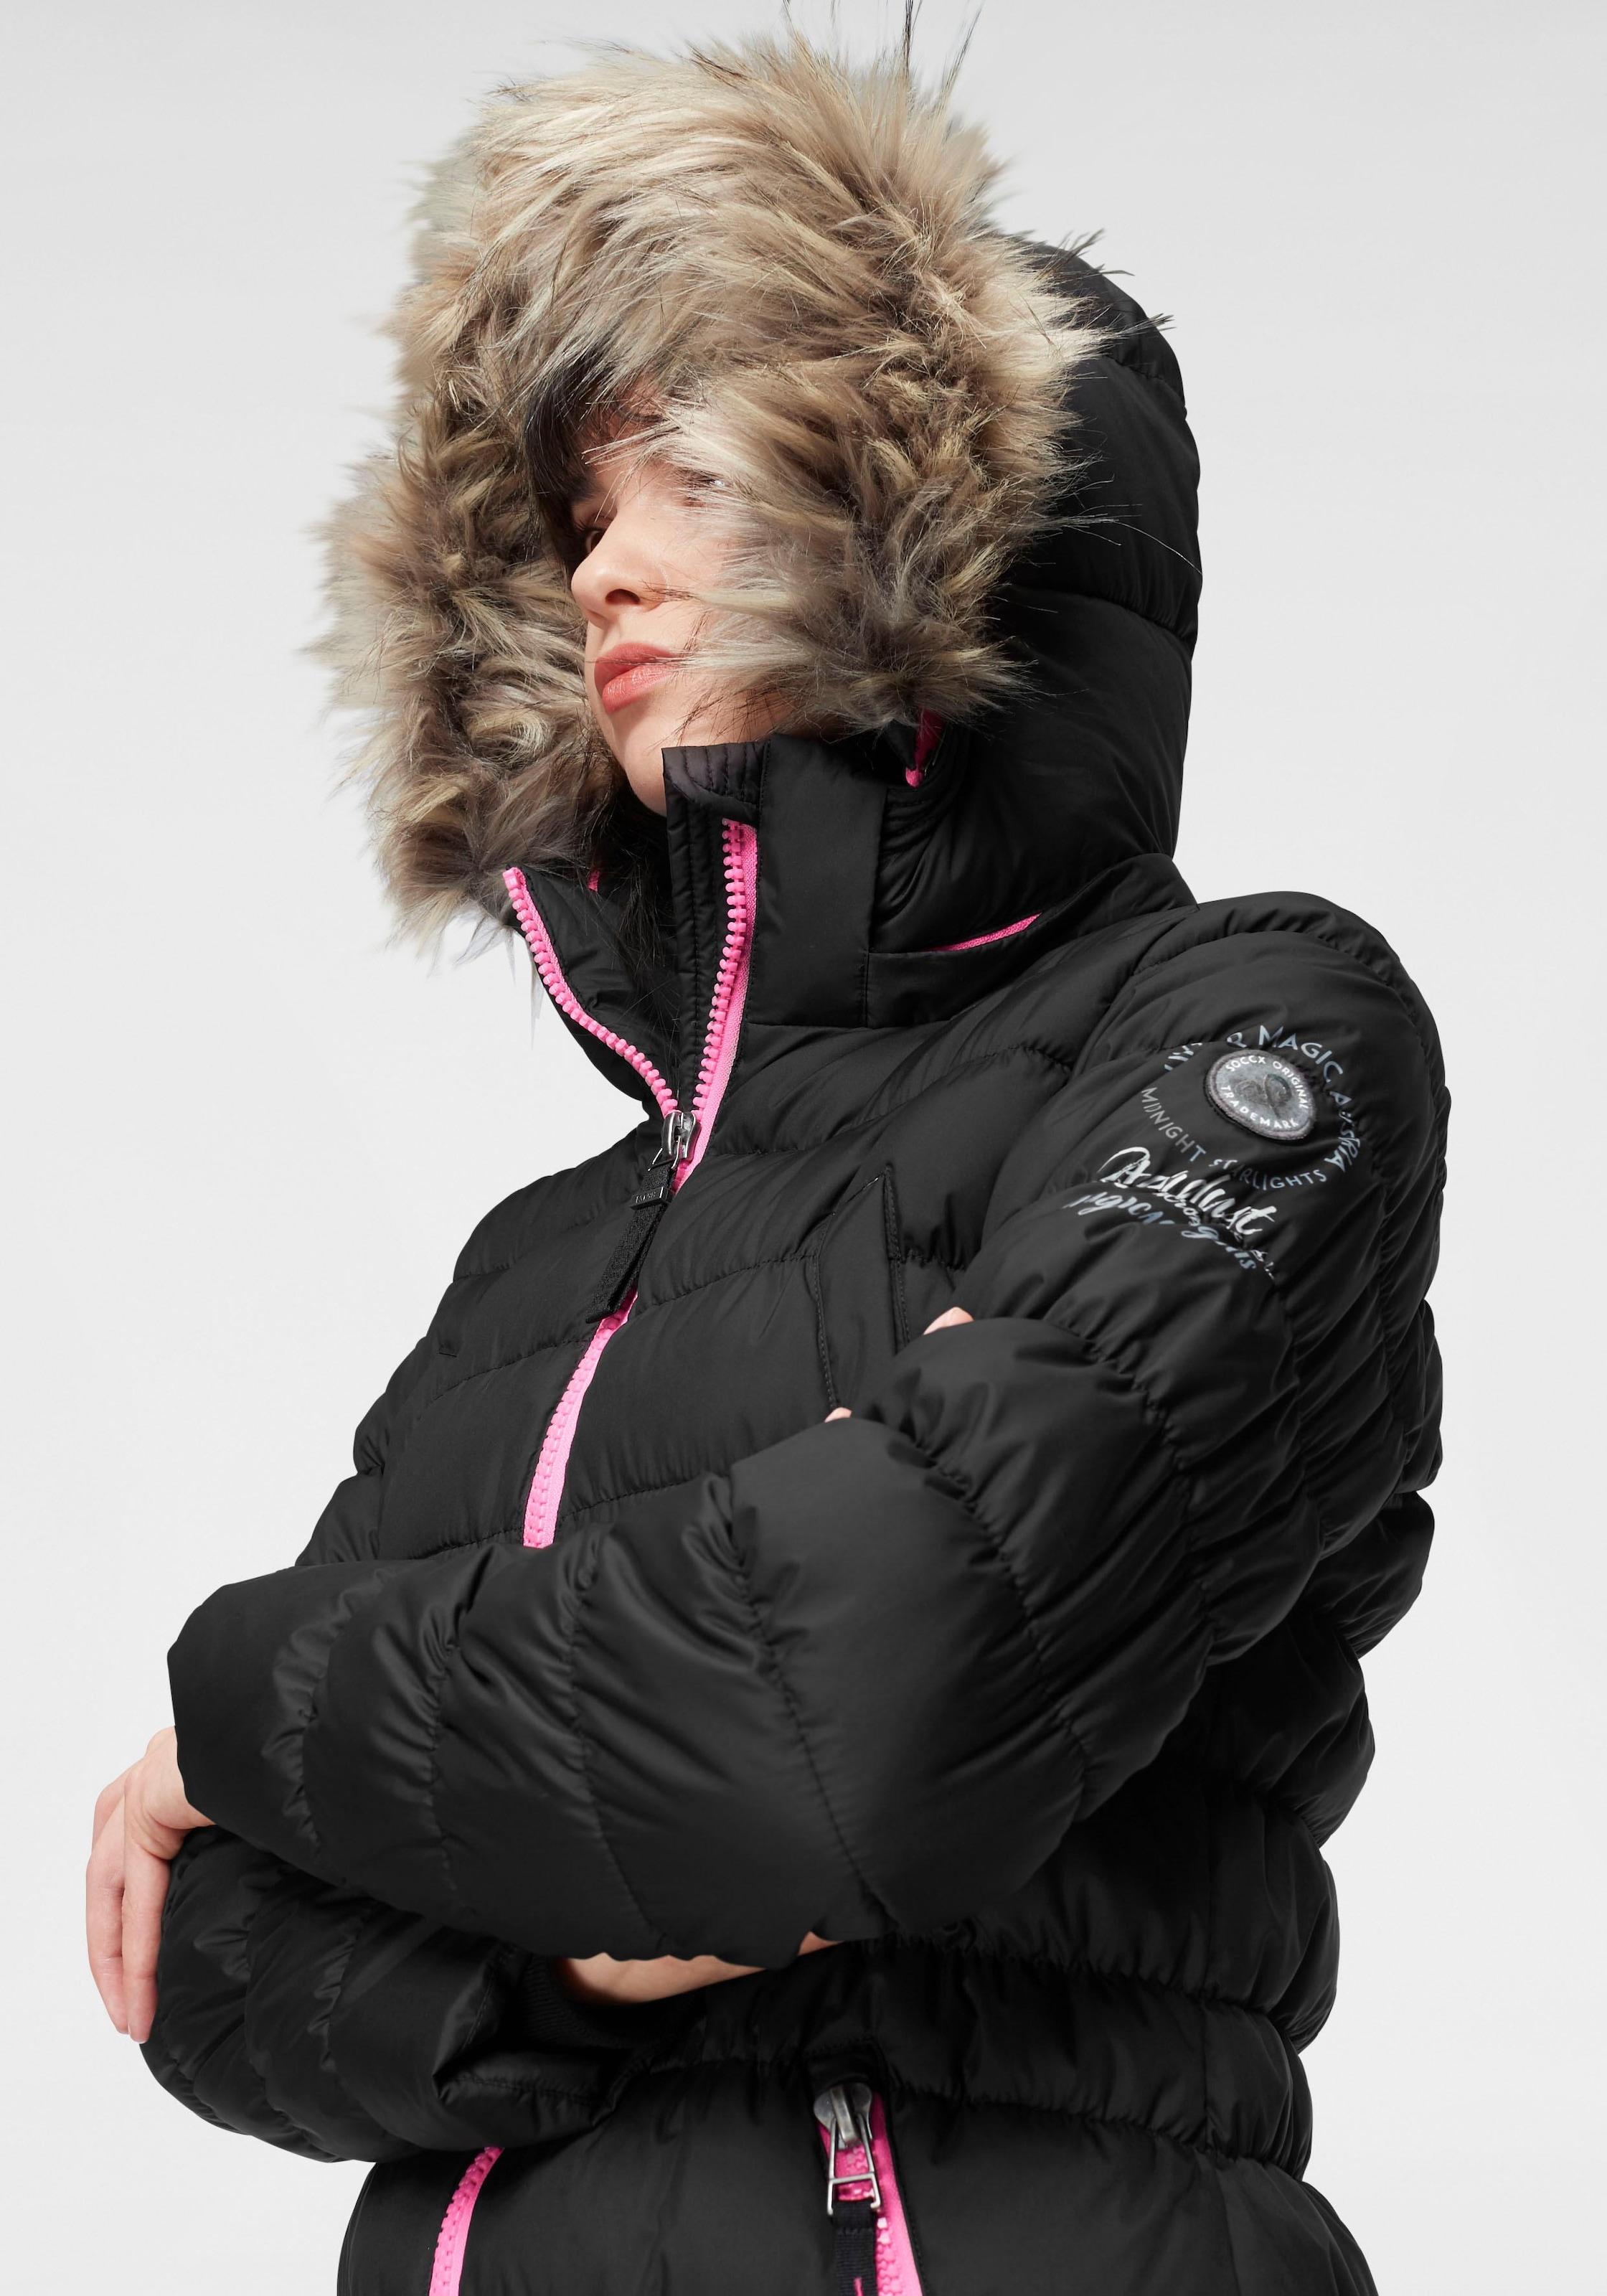 soccx steppjacke Sportliche Jacke in Daunenoptik